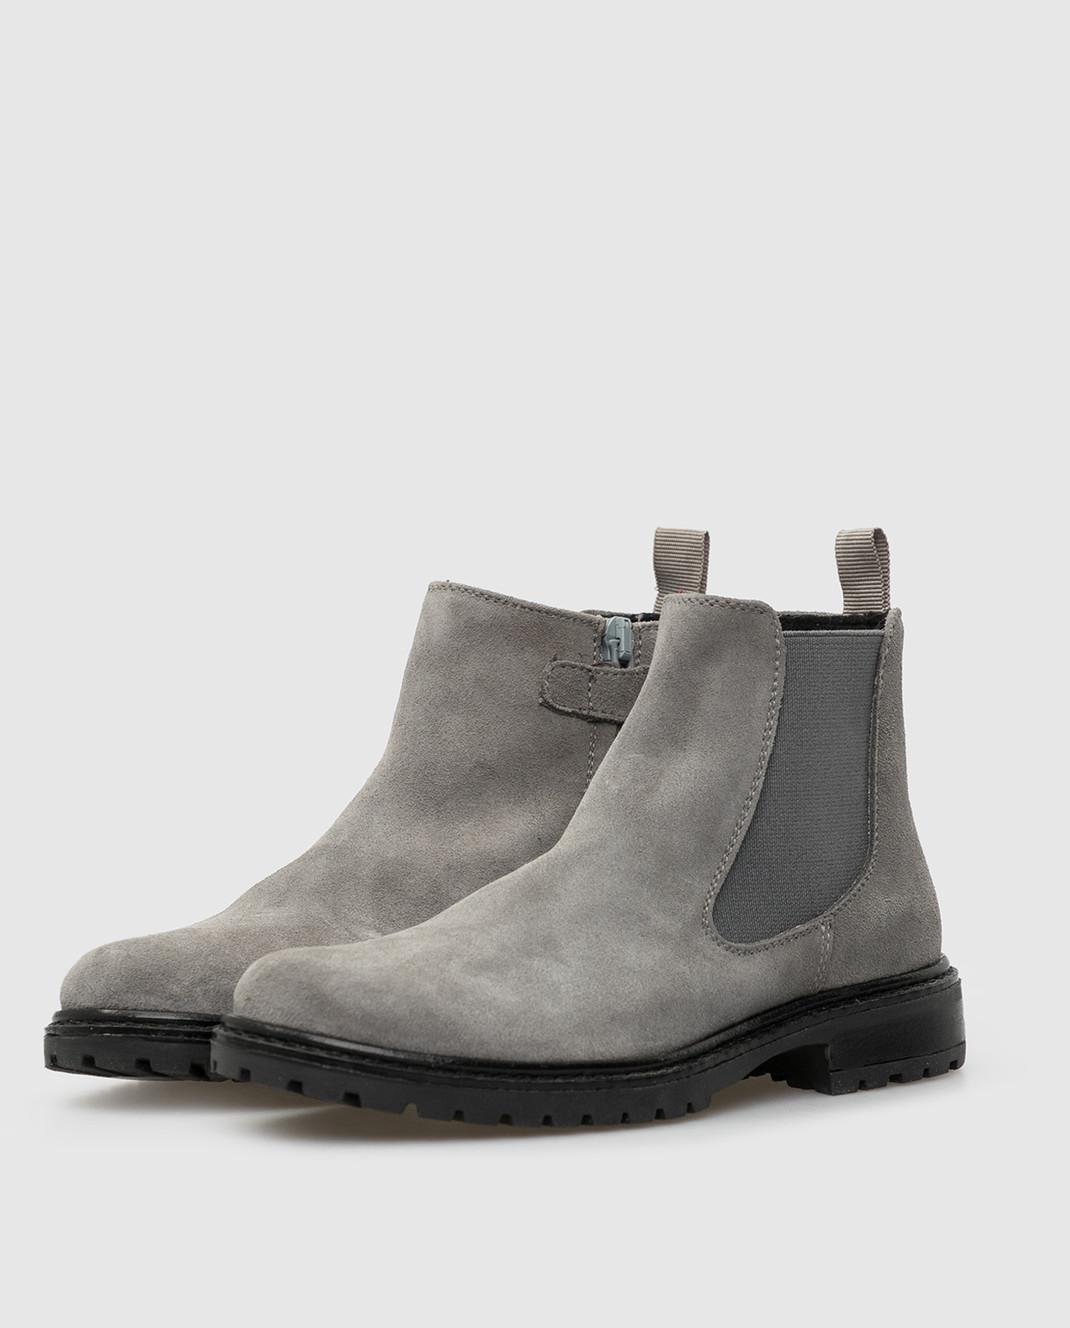 Zecchino D'oro Детские серые замшевые ботинки F0242003032 изображение 2